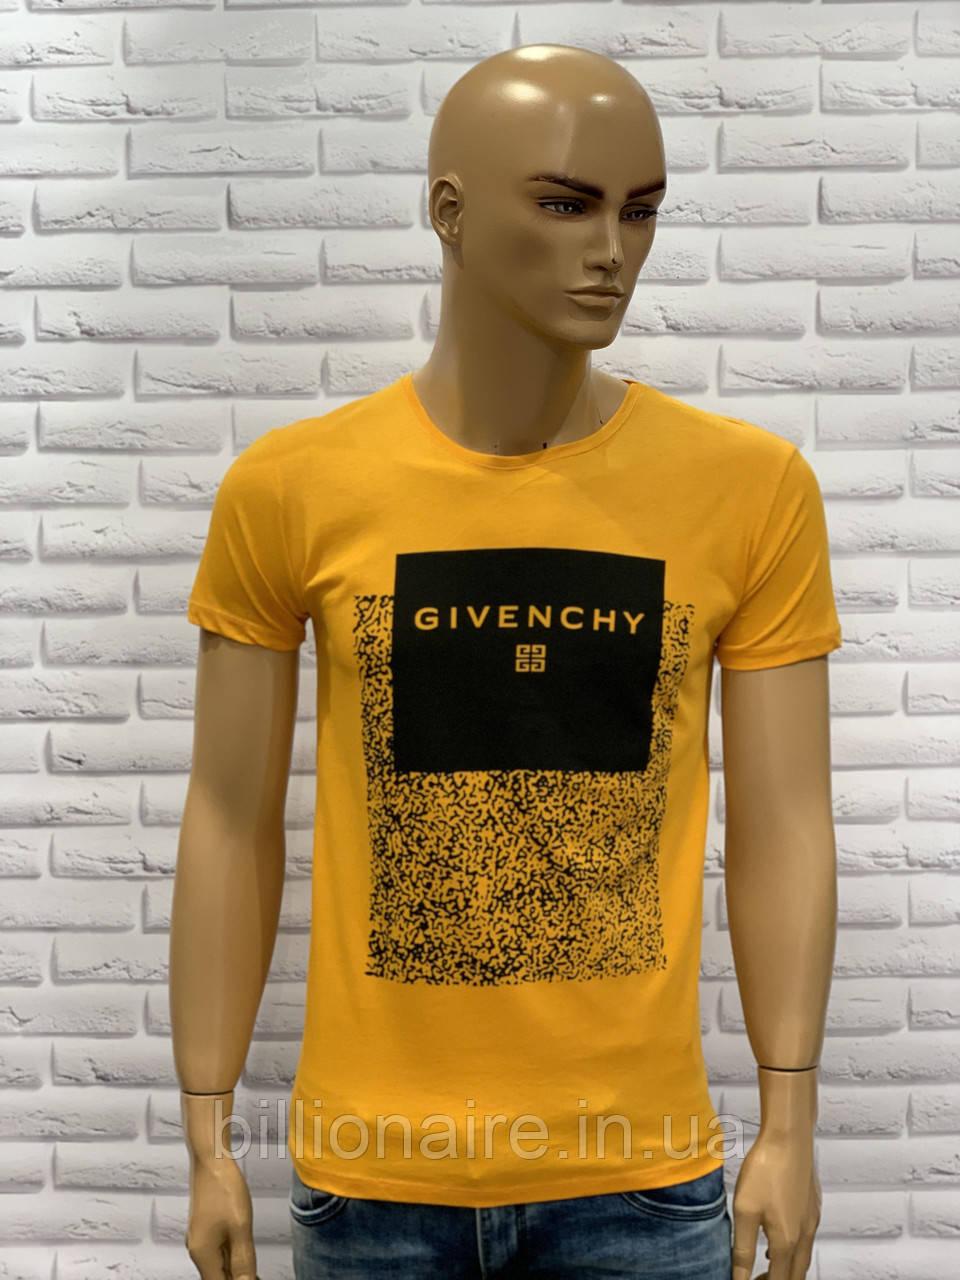 Футболка чоловіча Givenchy Репліка Жовтий